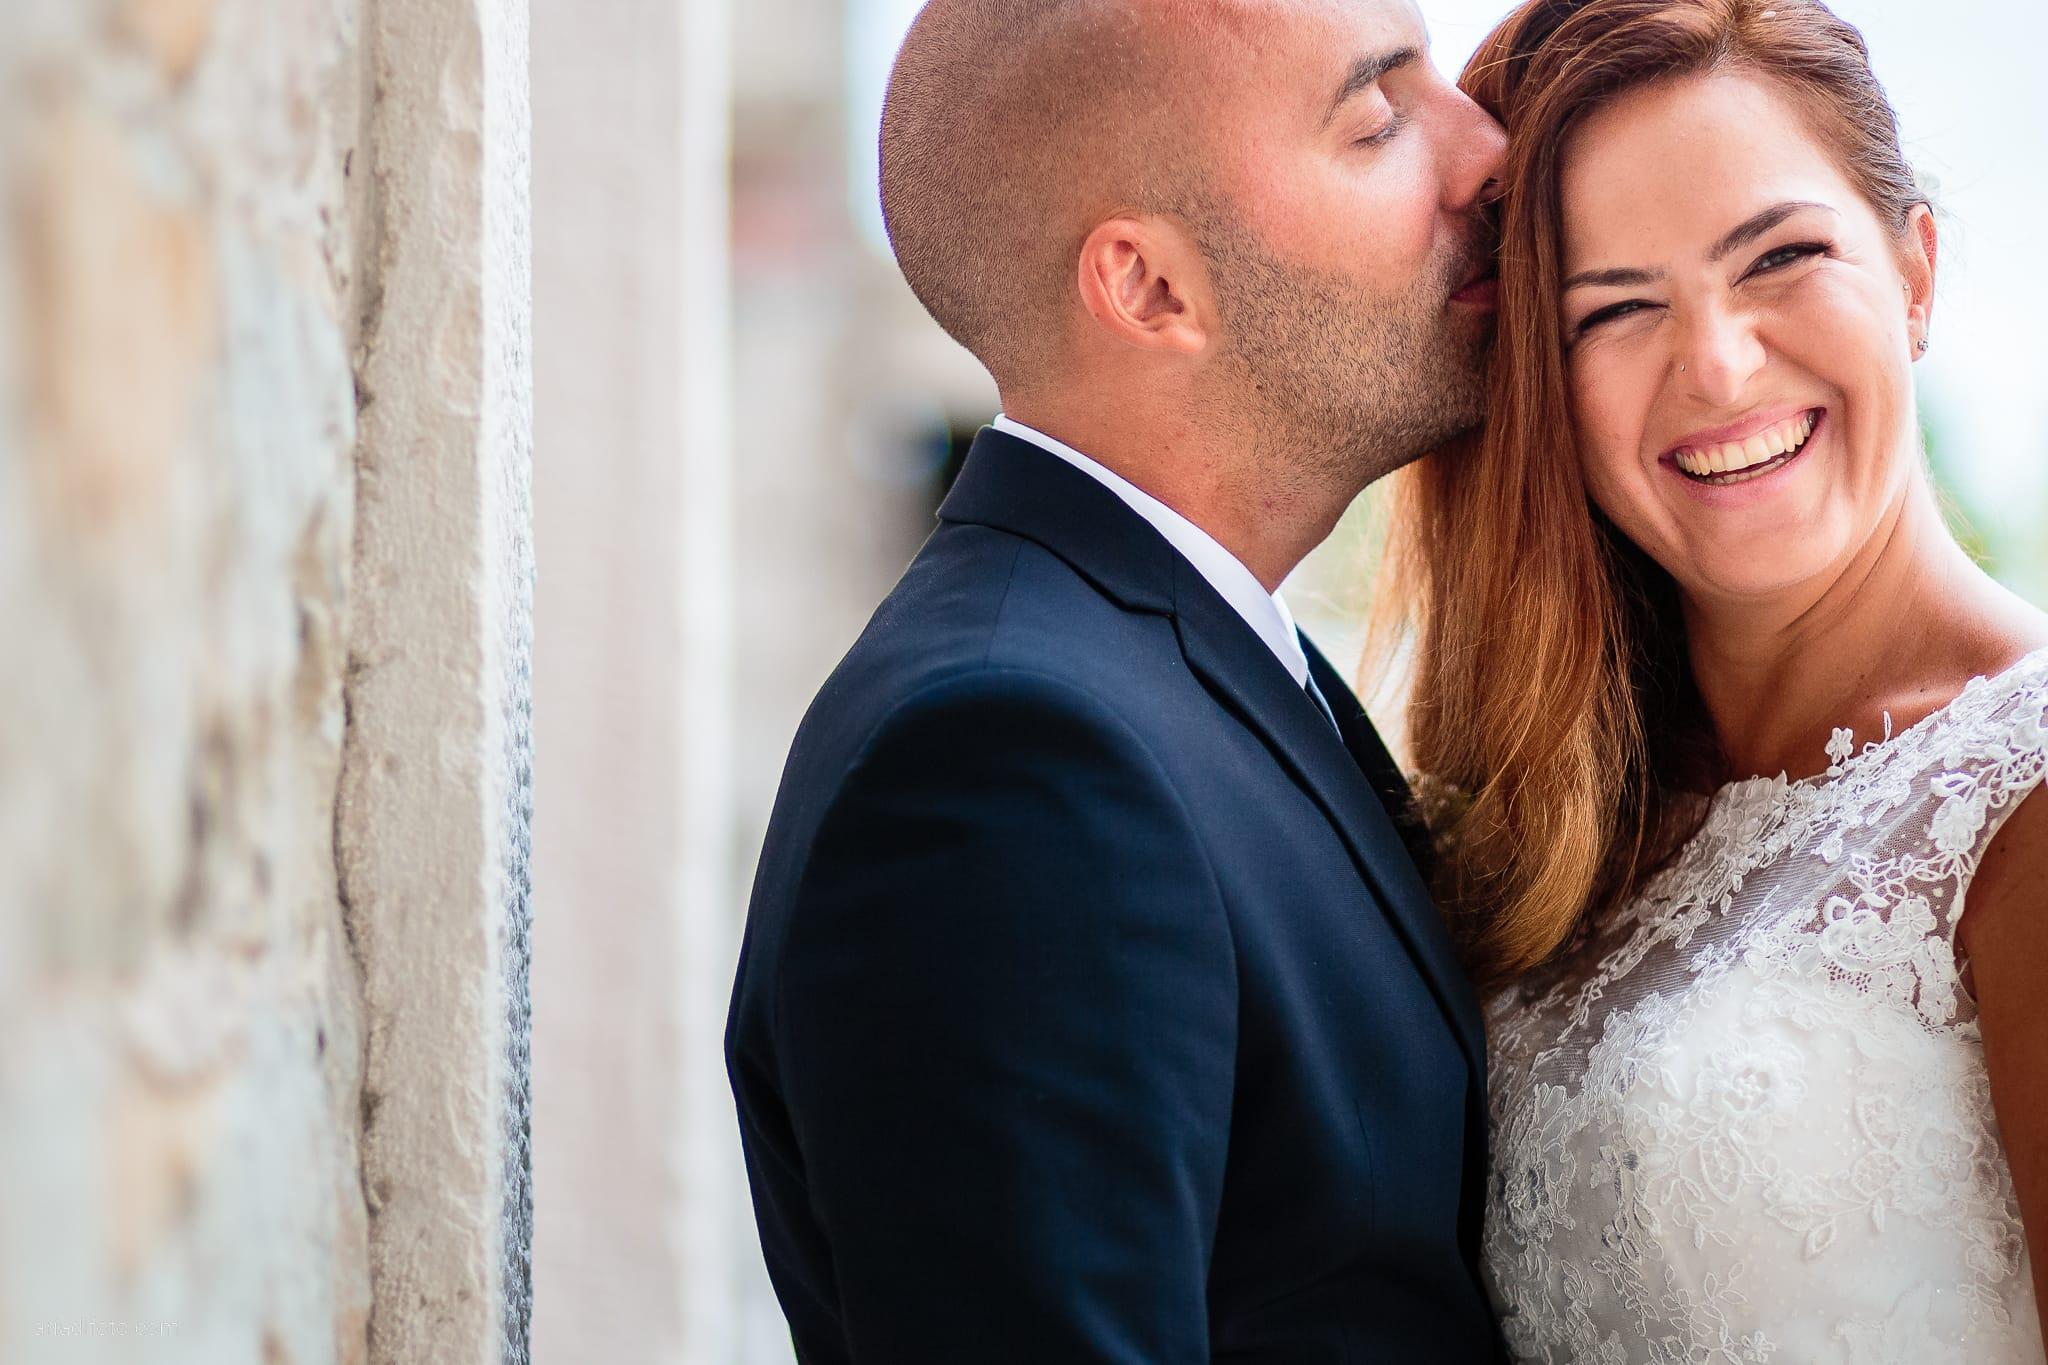 Giorgia Davide Matrimonio Villa Revoltella Salvia Rosmarino Trieste ritratti sposi Porto Vecchio Magazzino 26